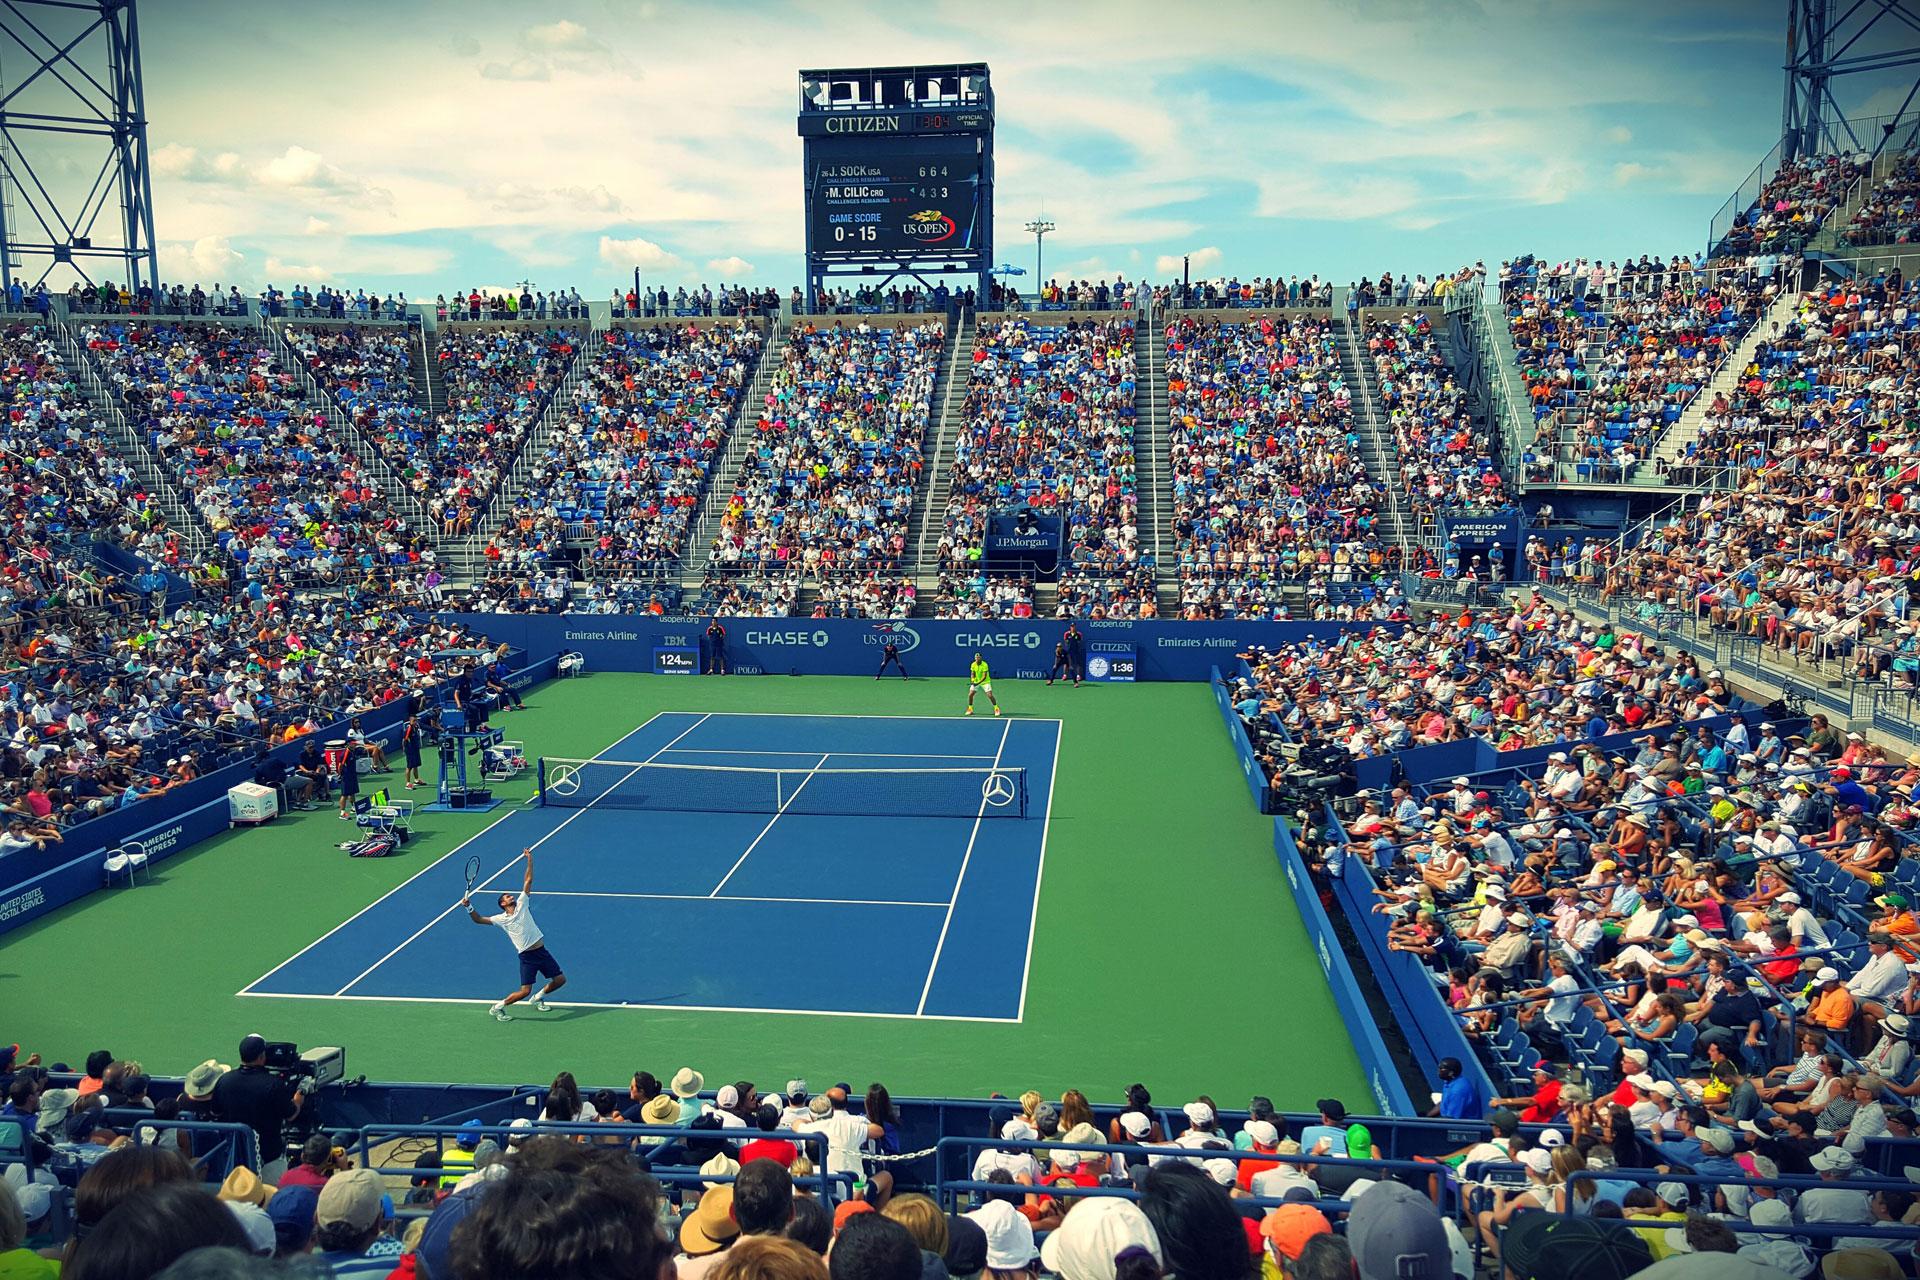 Tennis Chauffeur Service